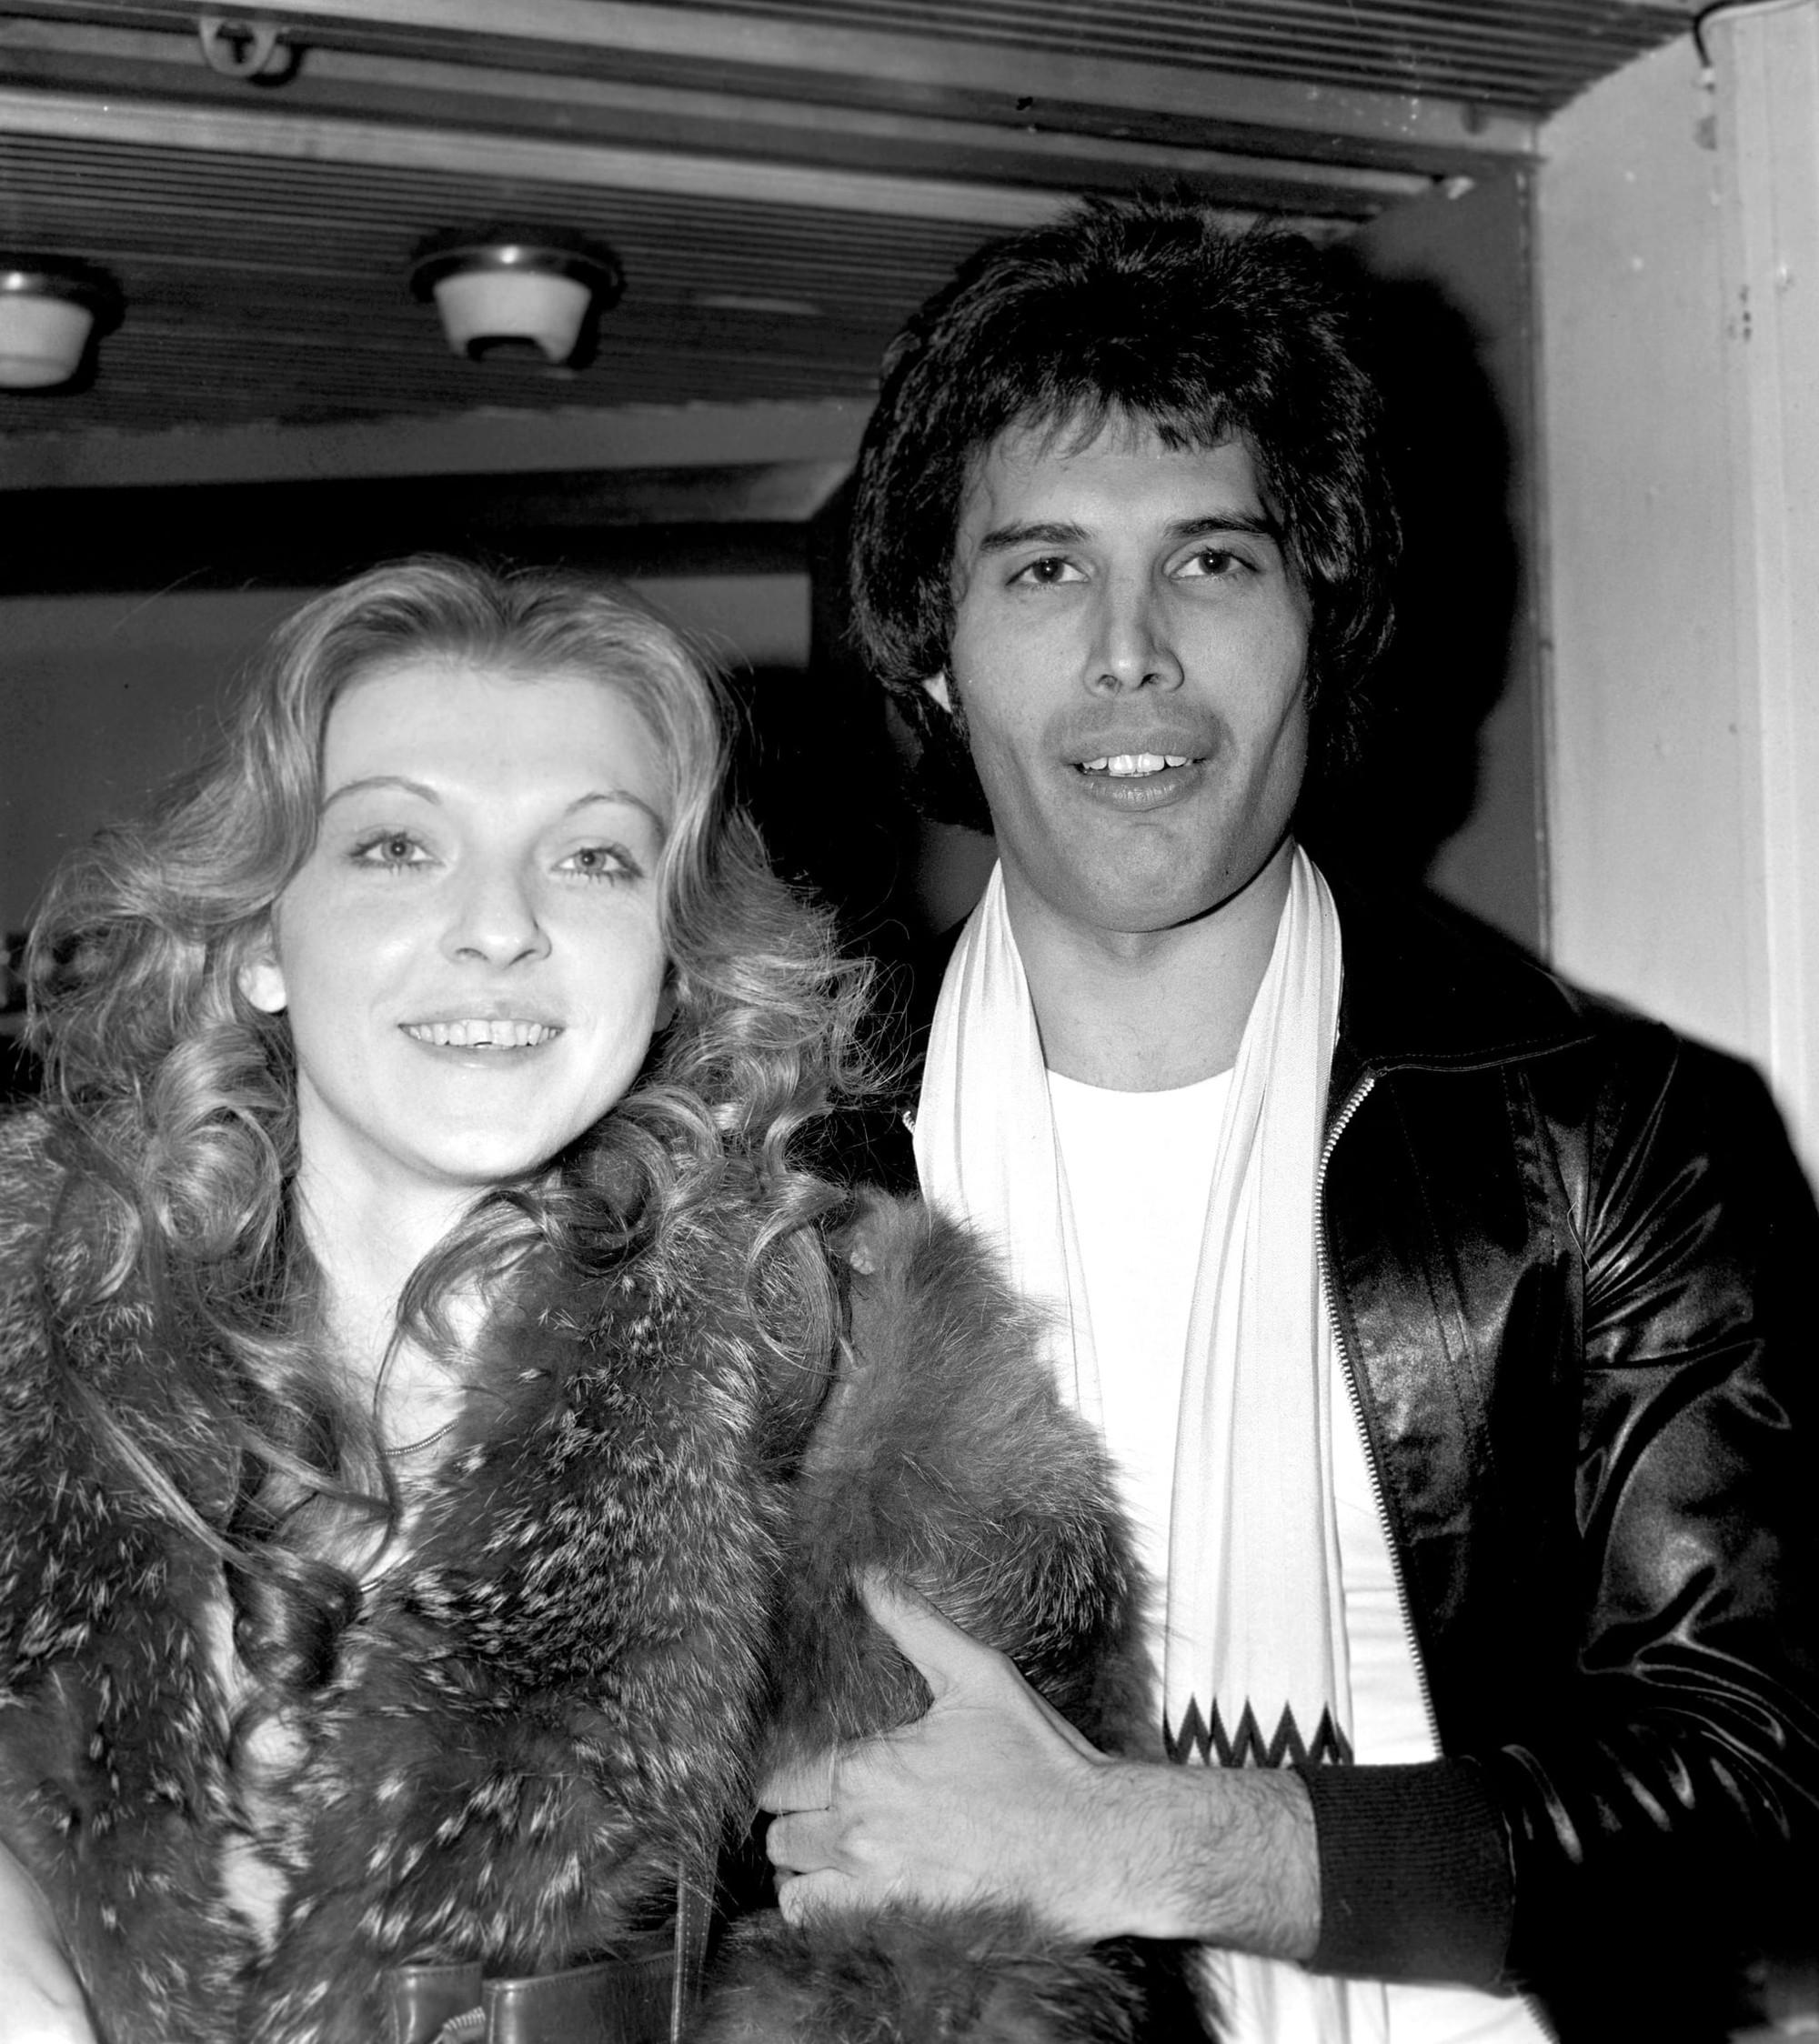 Câu chuyện về huyền thoại Freddie Mercury cùng người phụ nữ duy nhất mà ông yêu trong suốt cuộc đời - Ảnh 3.